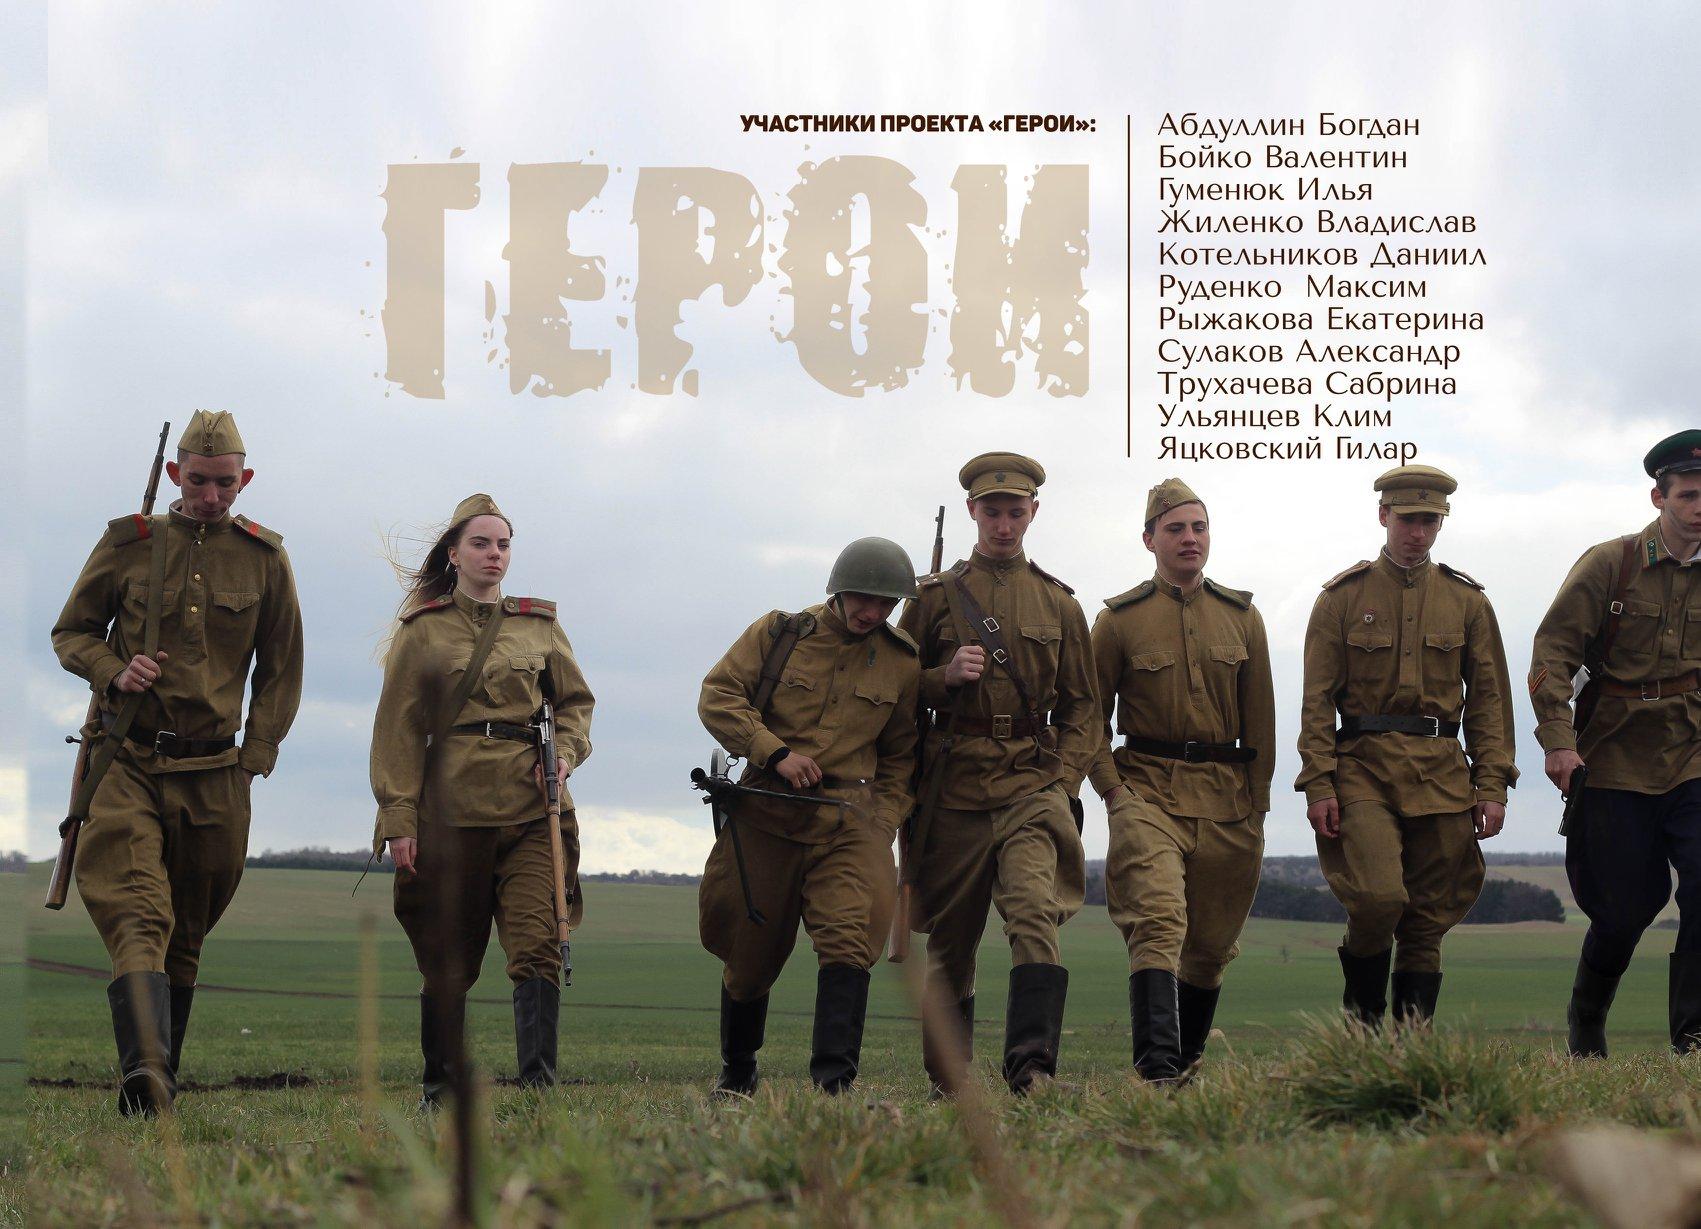 Крымские школьники воссоздали образы героев Великой Отечественной войны